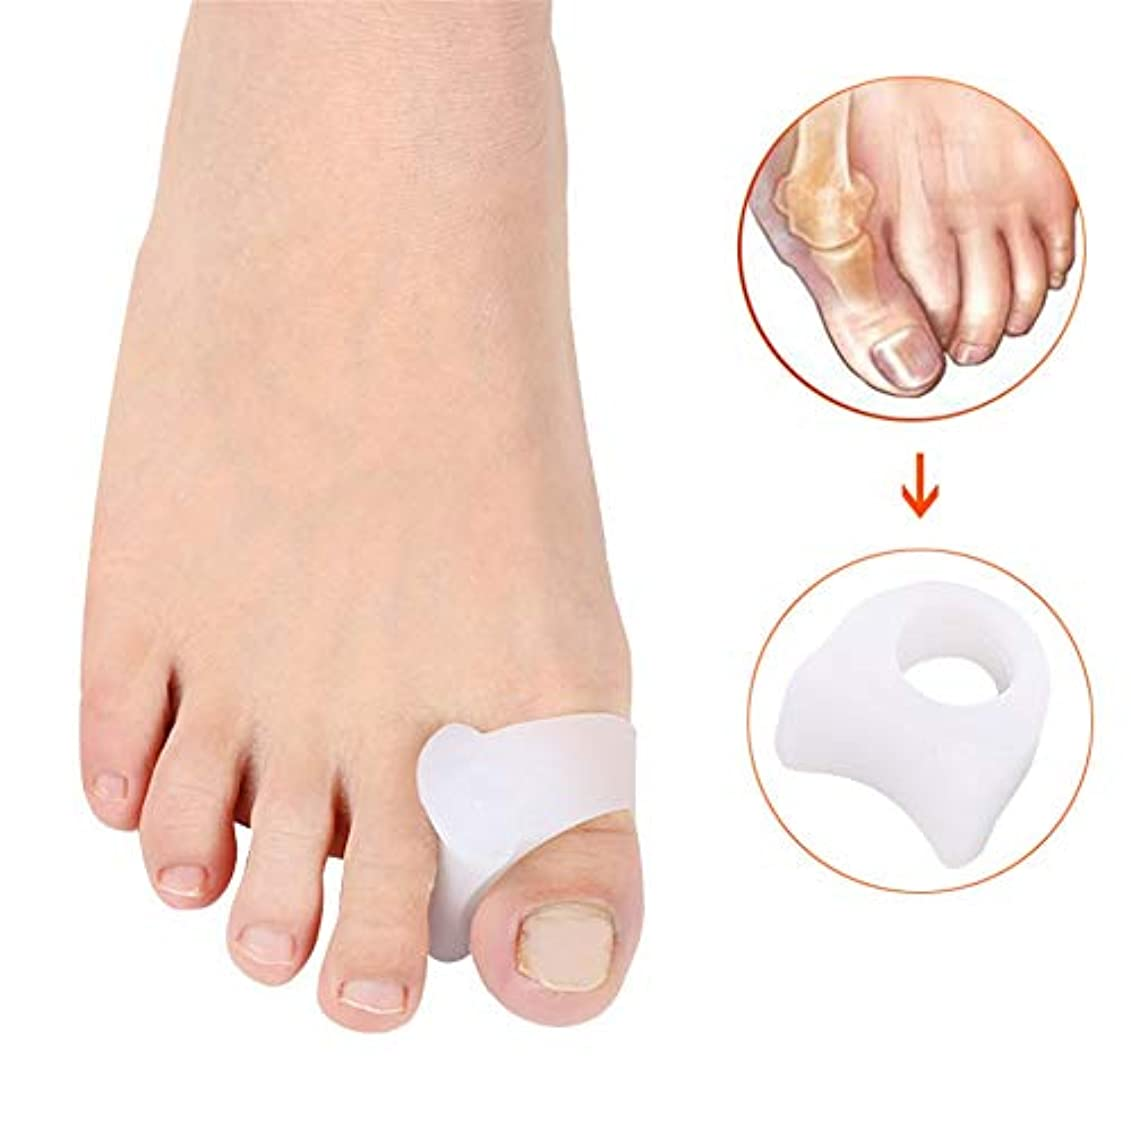 ゴミ作り距離外反母趾のサポート 足のセパレータBunion Correctors Gel Toe SpacersハヌーValgusハンマートウオーバーラップトゥー 足の内側の痛みや腱膜を和らげる (サイズ : L)